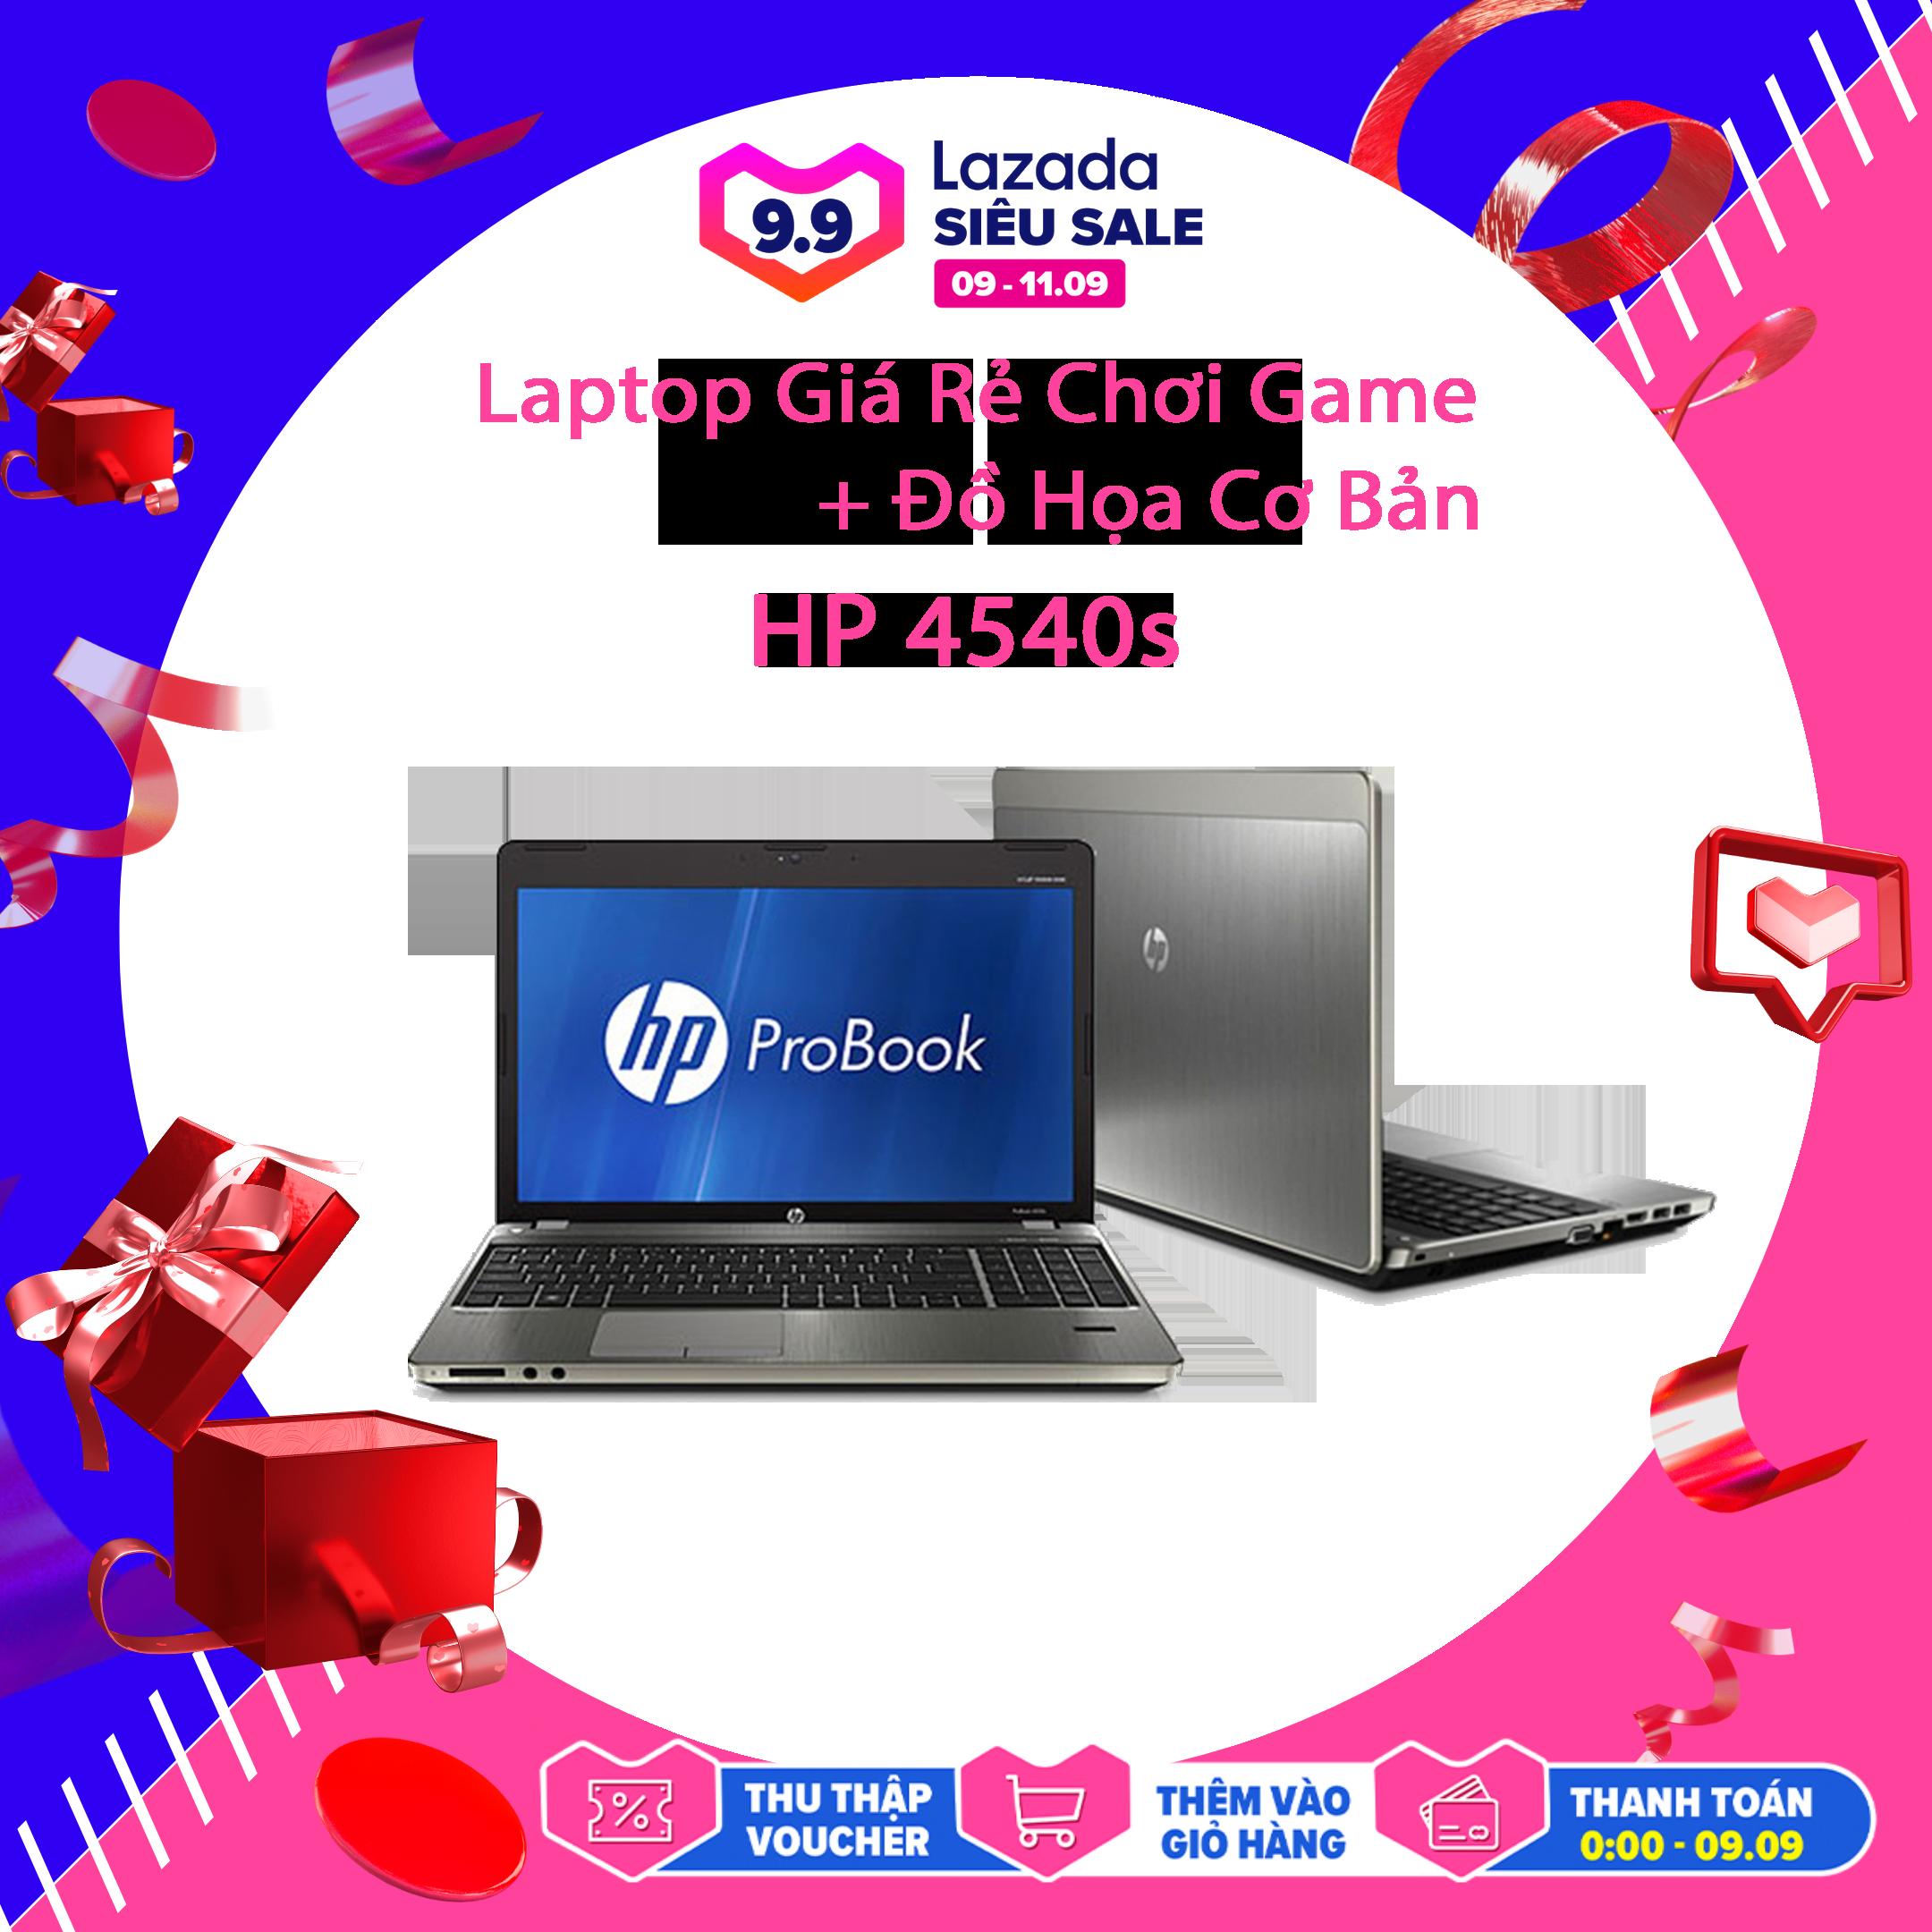 Laptop Giá Rẻ Chơi Game Đồ Họa Cơ Bản HP 4540s, i5-3210M, VGA Intel HD 4000, Màn 15.6HD, LaptopLC298